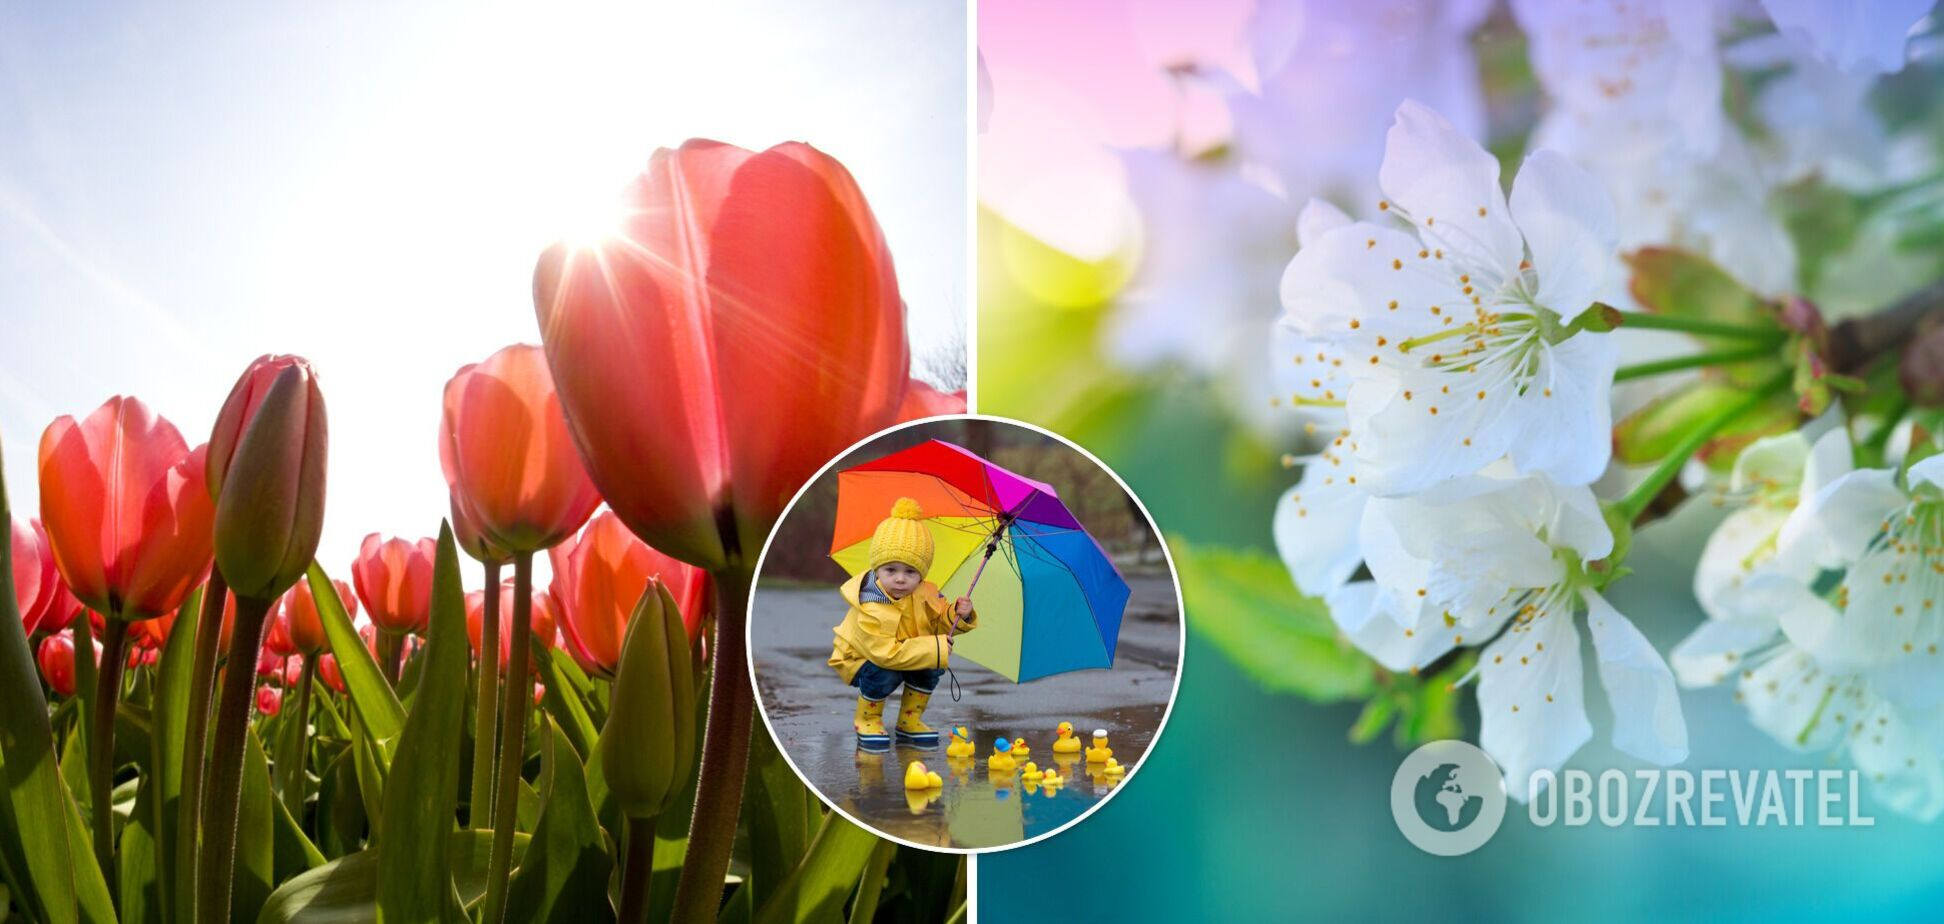 Коли в Україну прийде справжнє літо: синоптик назвав дату